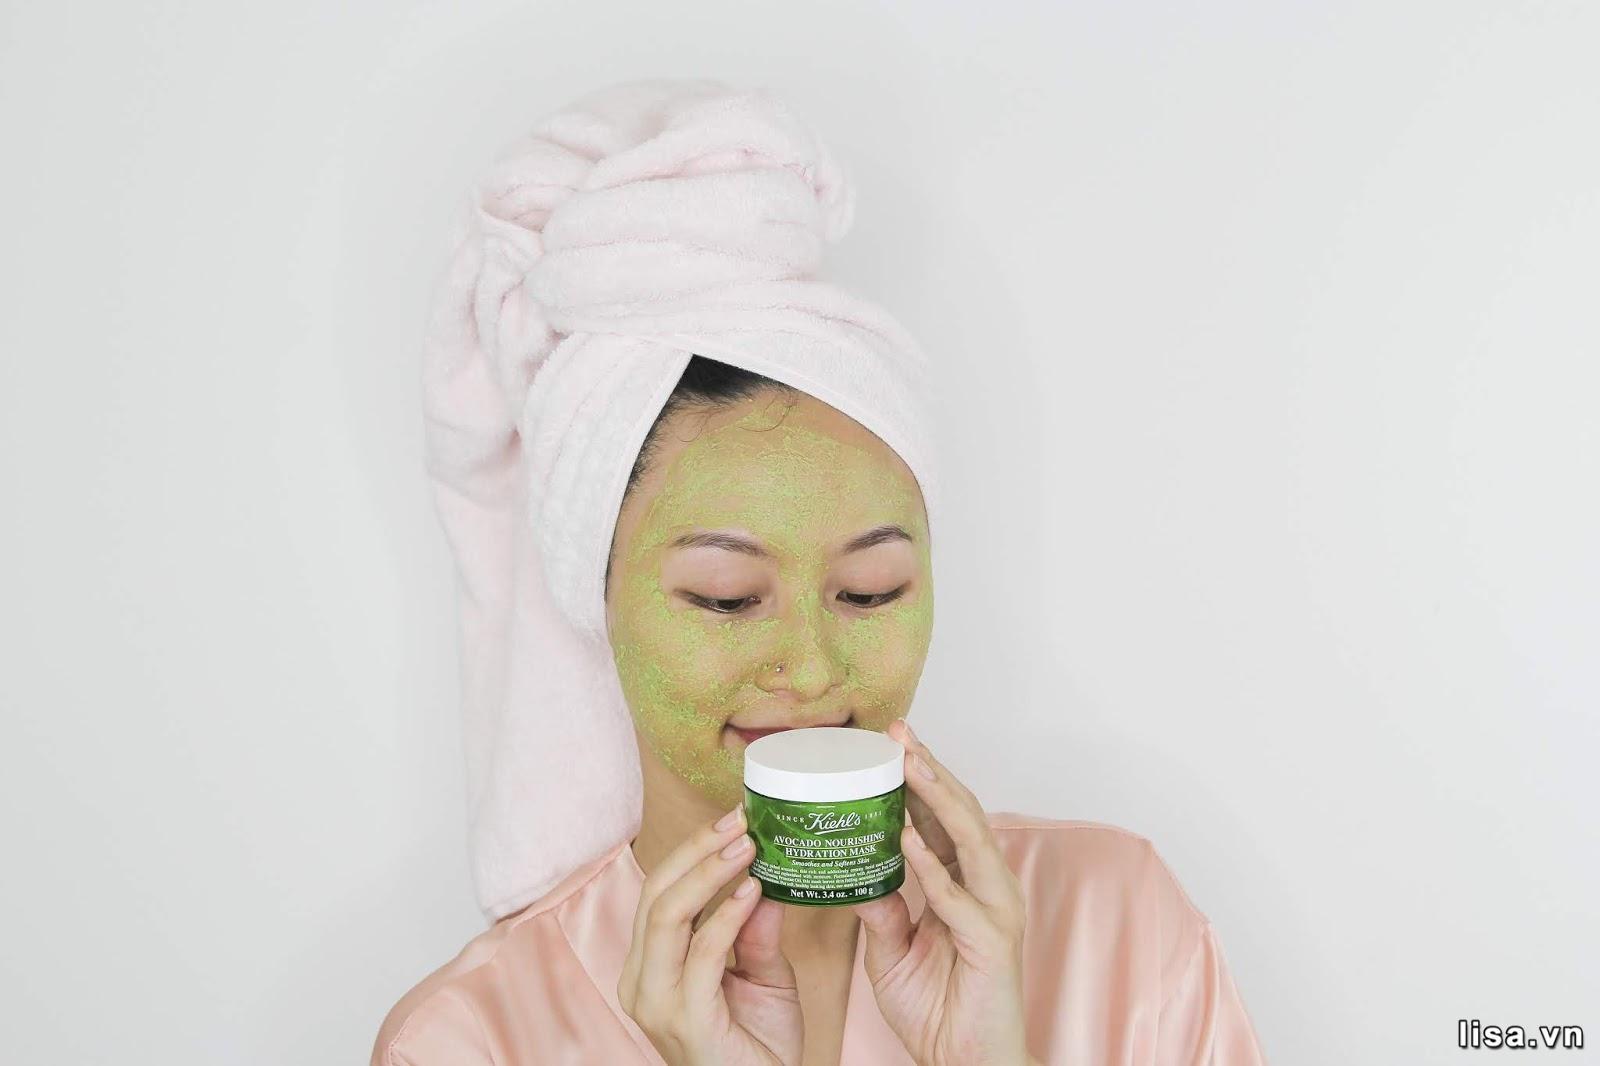 Mặt nạ Kiehl's Avocado Nourishing Hydration Mask giúp bạn lấy lại làn da căng bóng, mịn màng